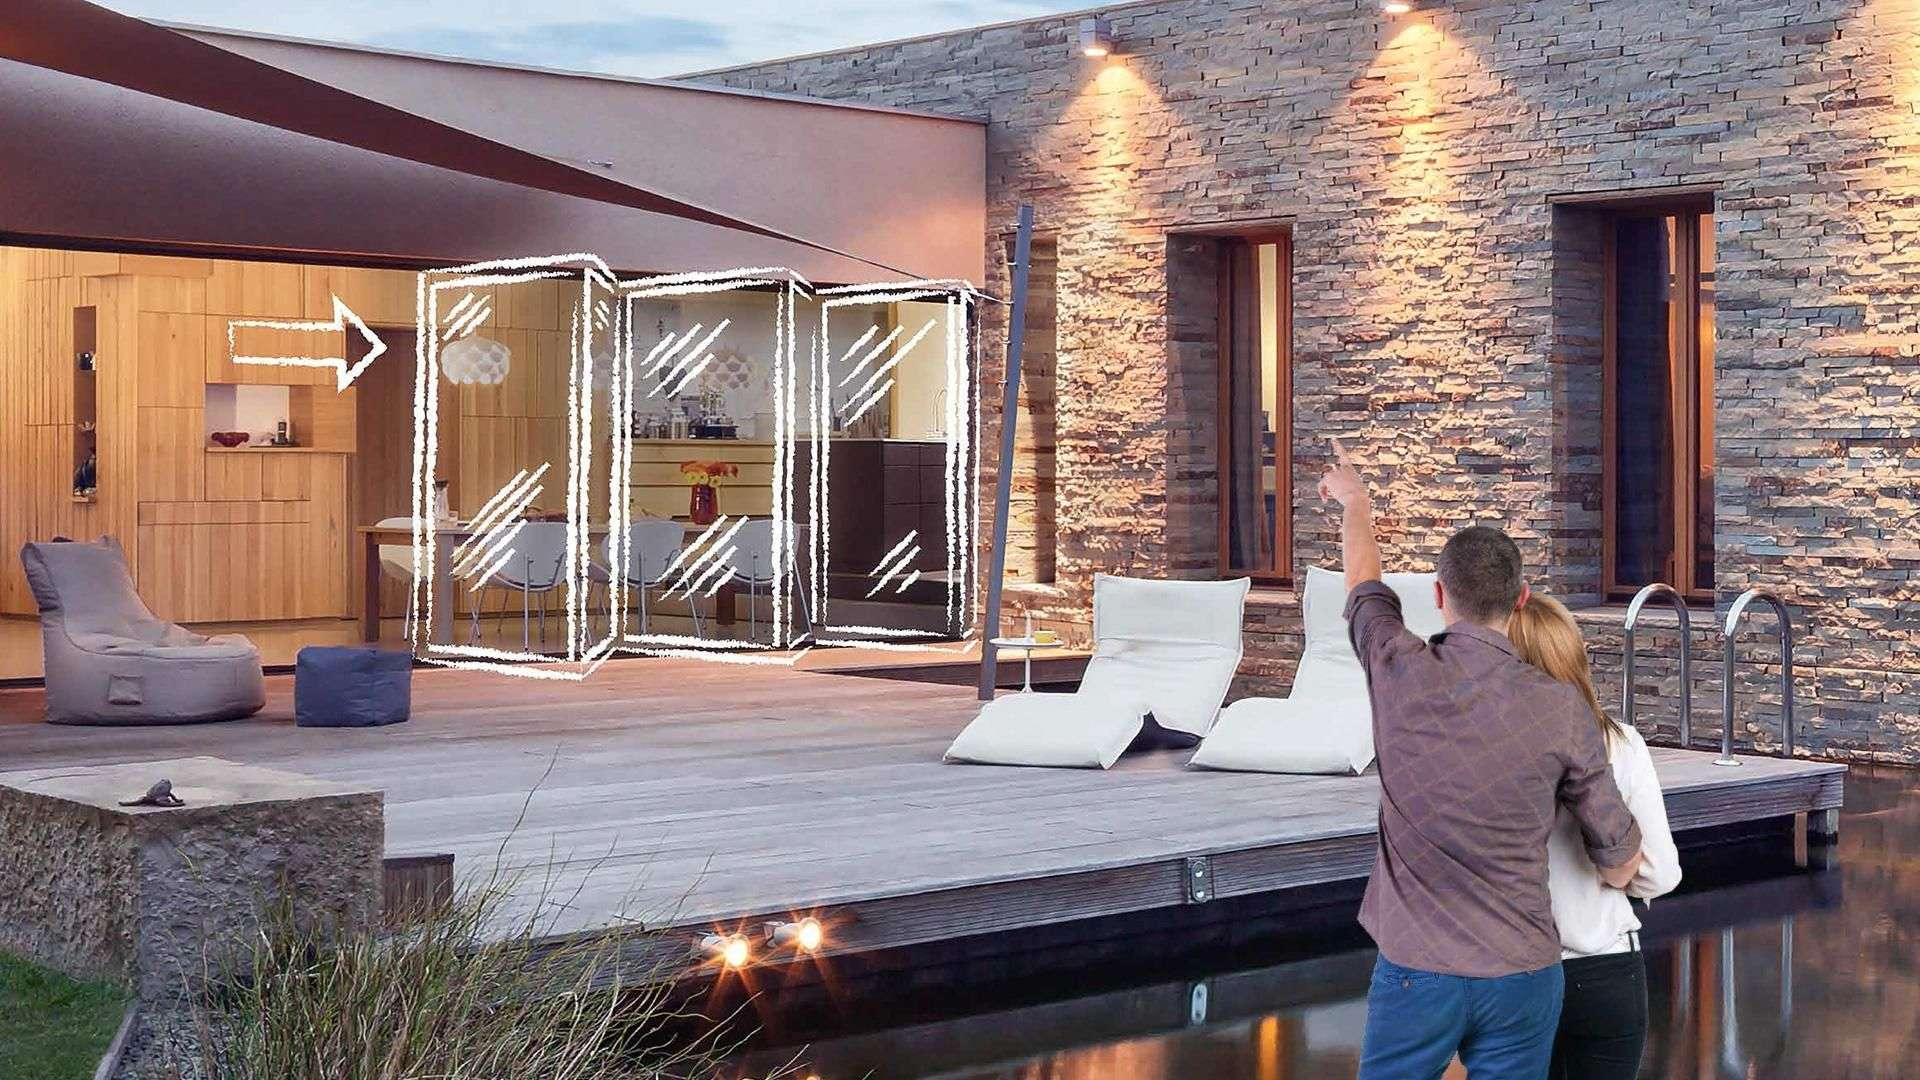 Terrasse auf der in weiße eine Glas-Faltwand skizziert ist. Im Vordergrund ein Pärchen, was auf dieses Bauvorhaben zeigt.